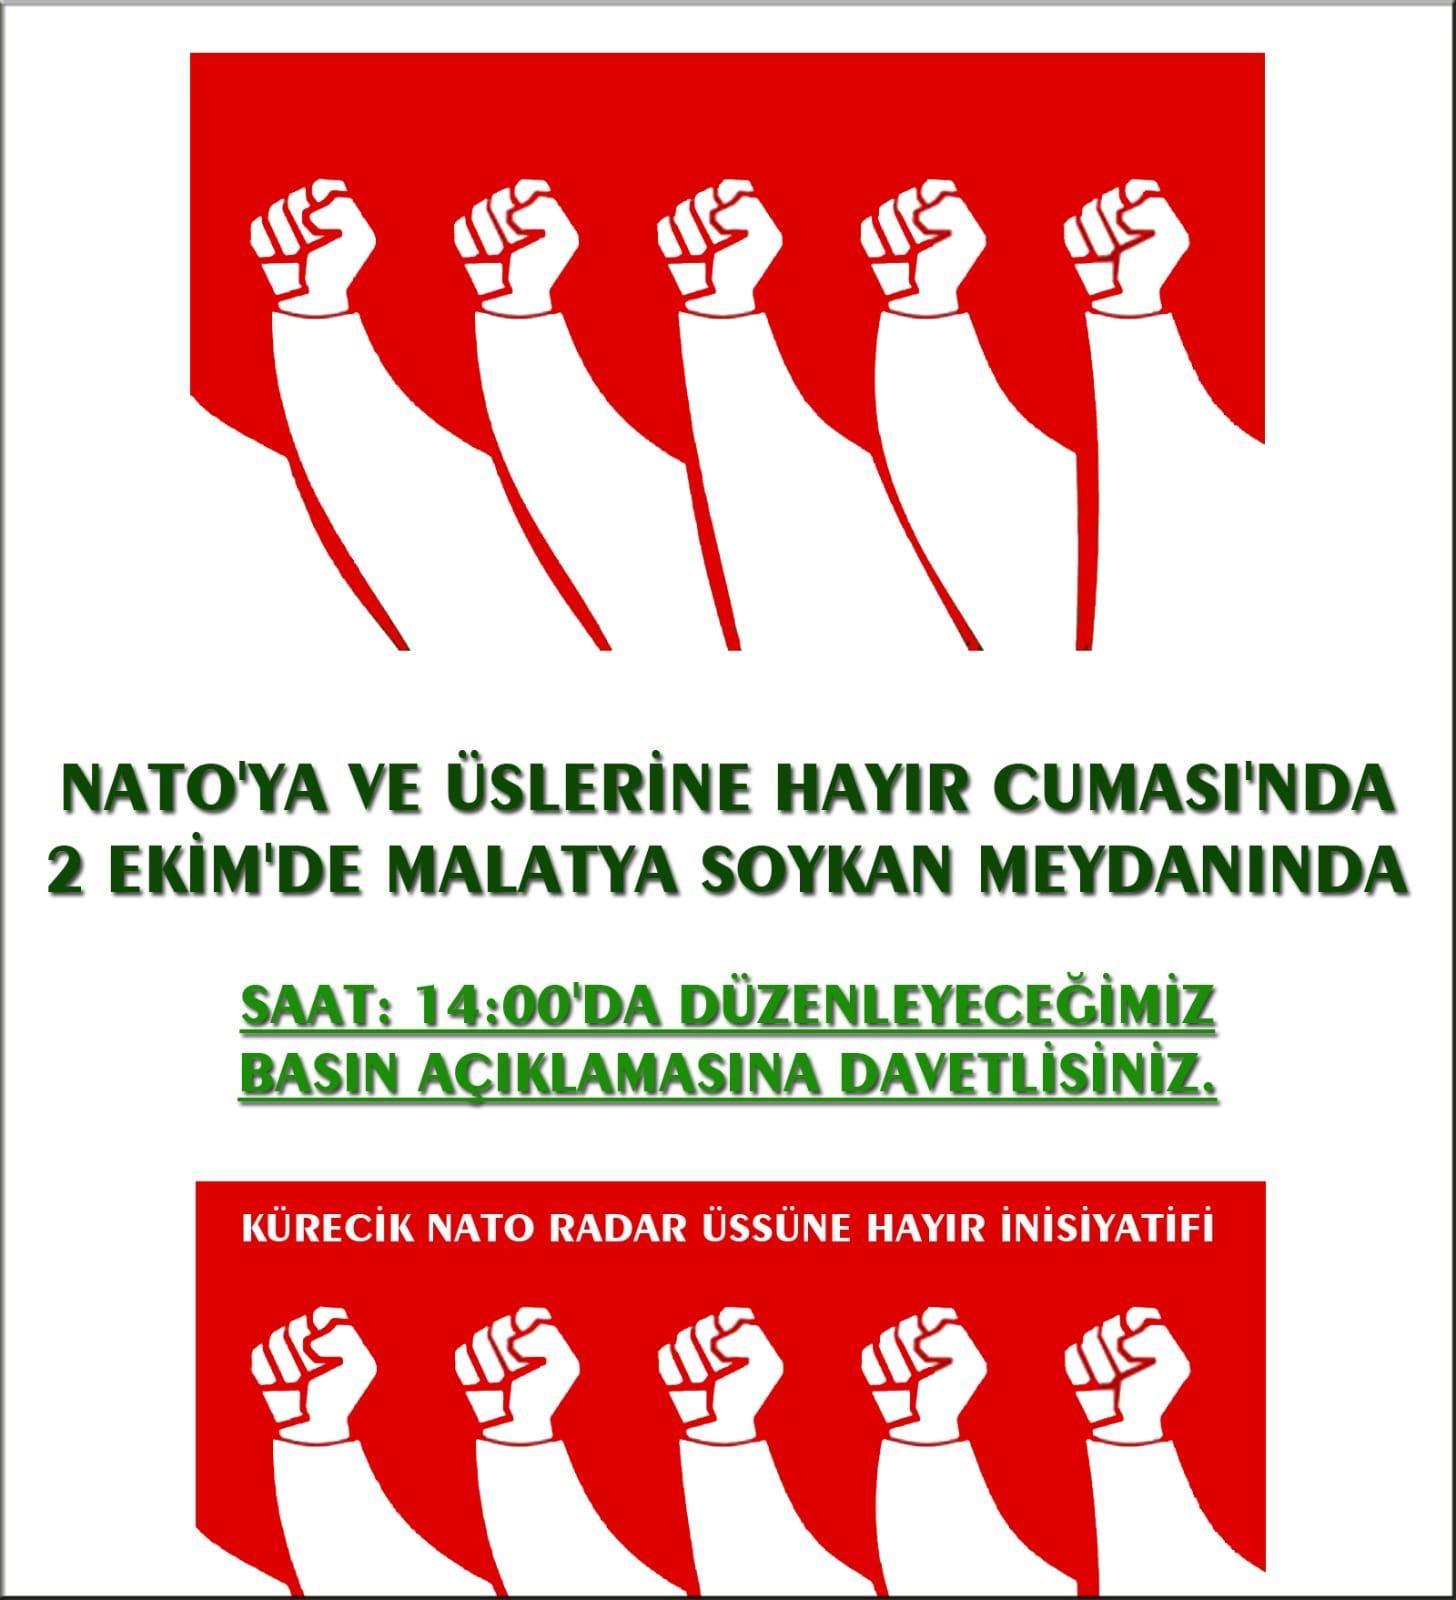 Nato'ya ve Üslerine Hayır Cumasında 2 Ekim'de Malatya'da Buluşuyoruz (DAVET)